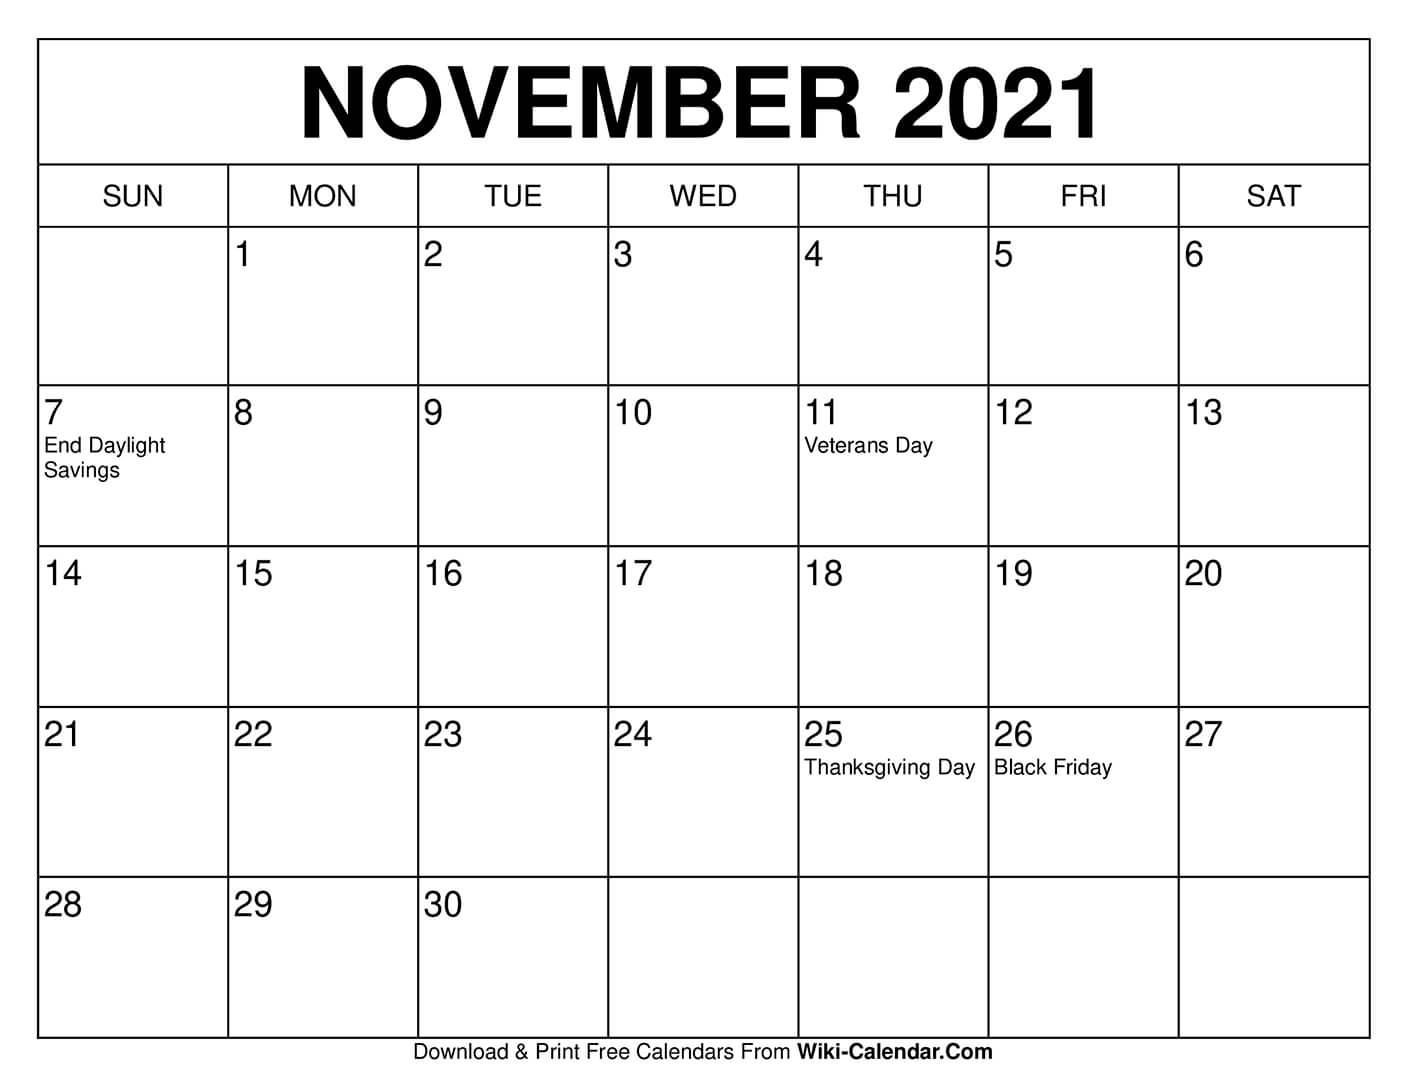 Catch 2021 November Calendar Printable Free